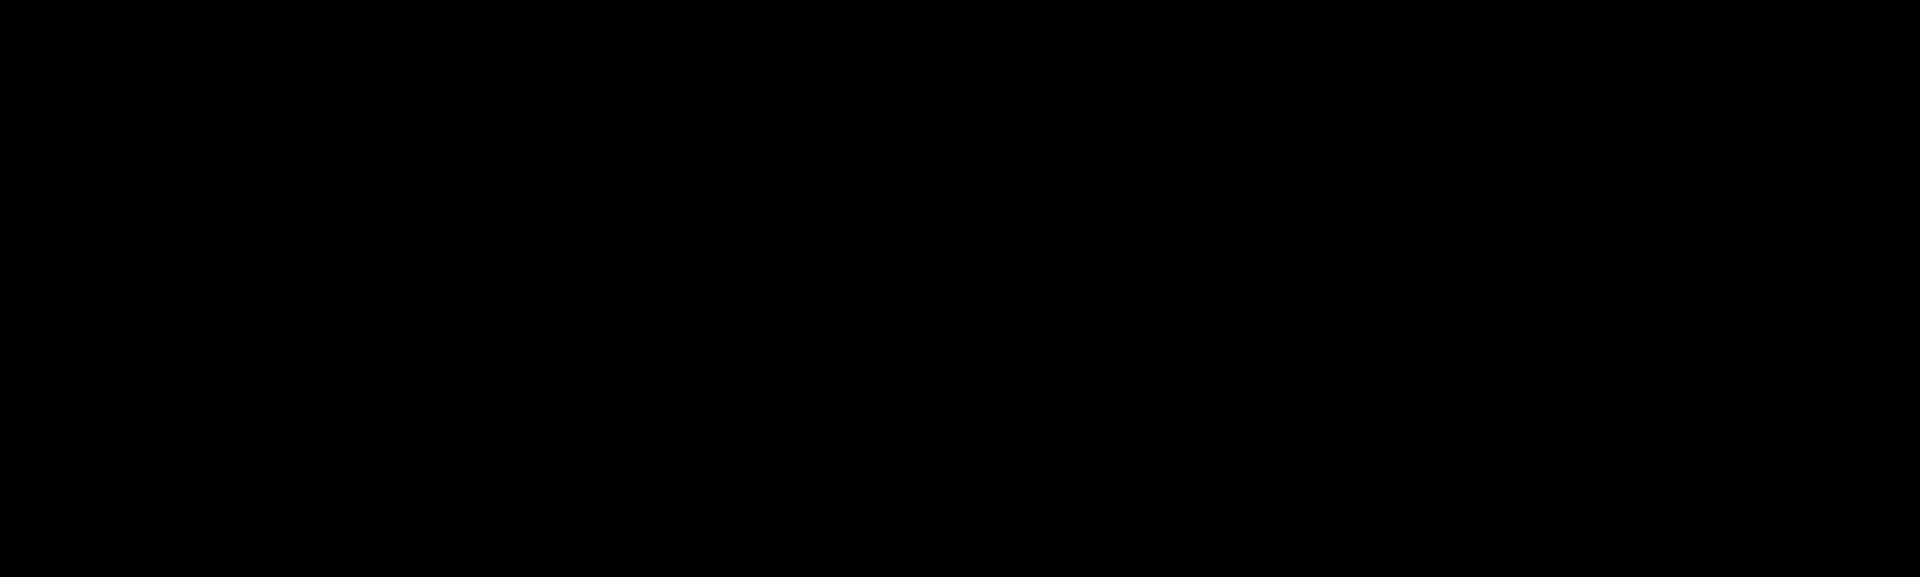 Spotify_logo_black